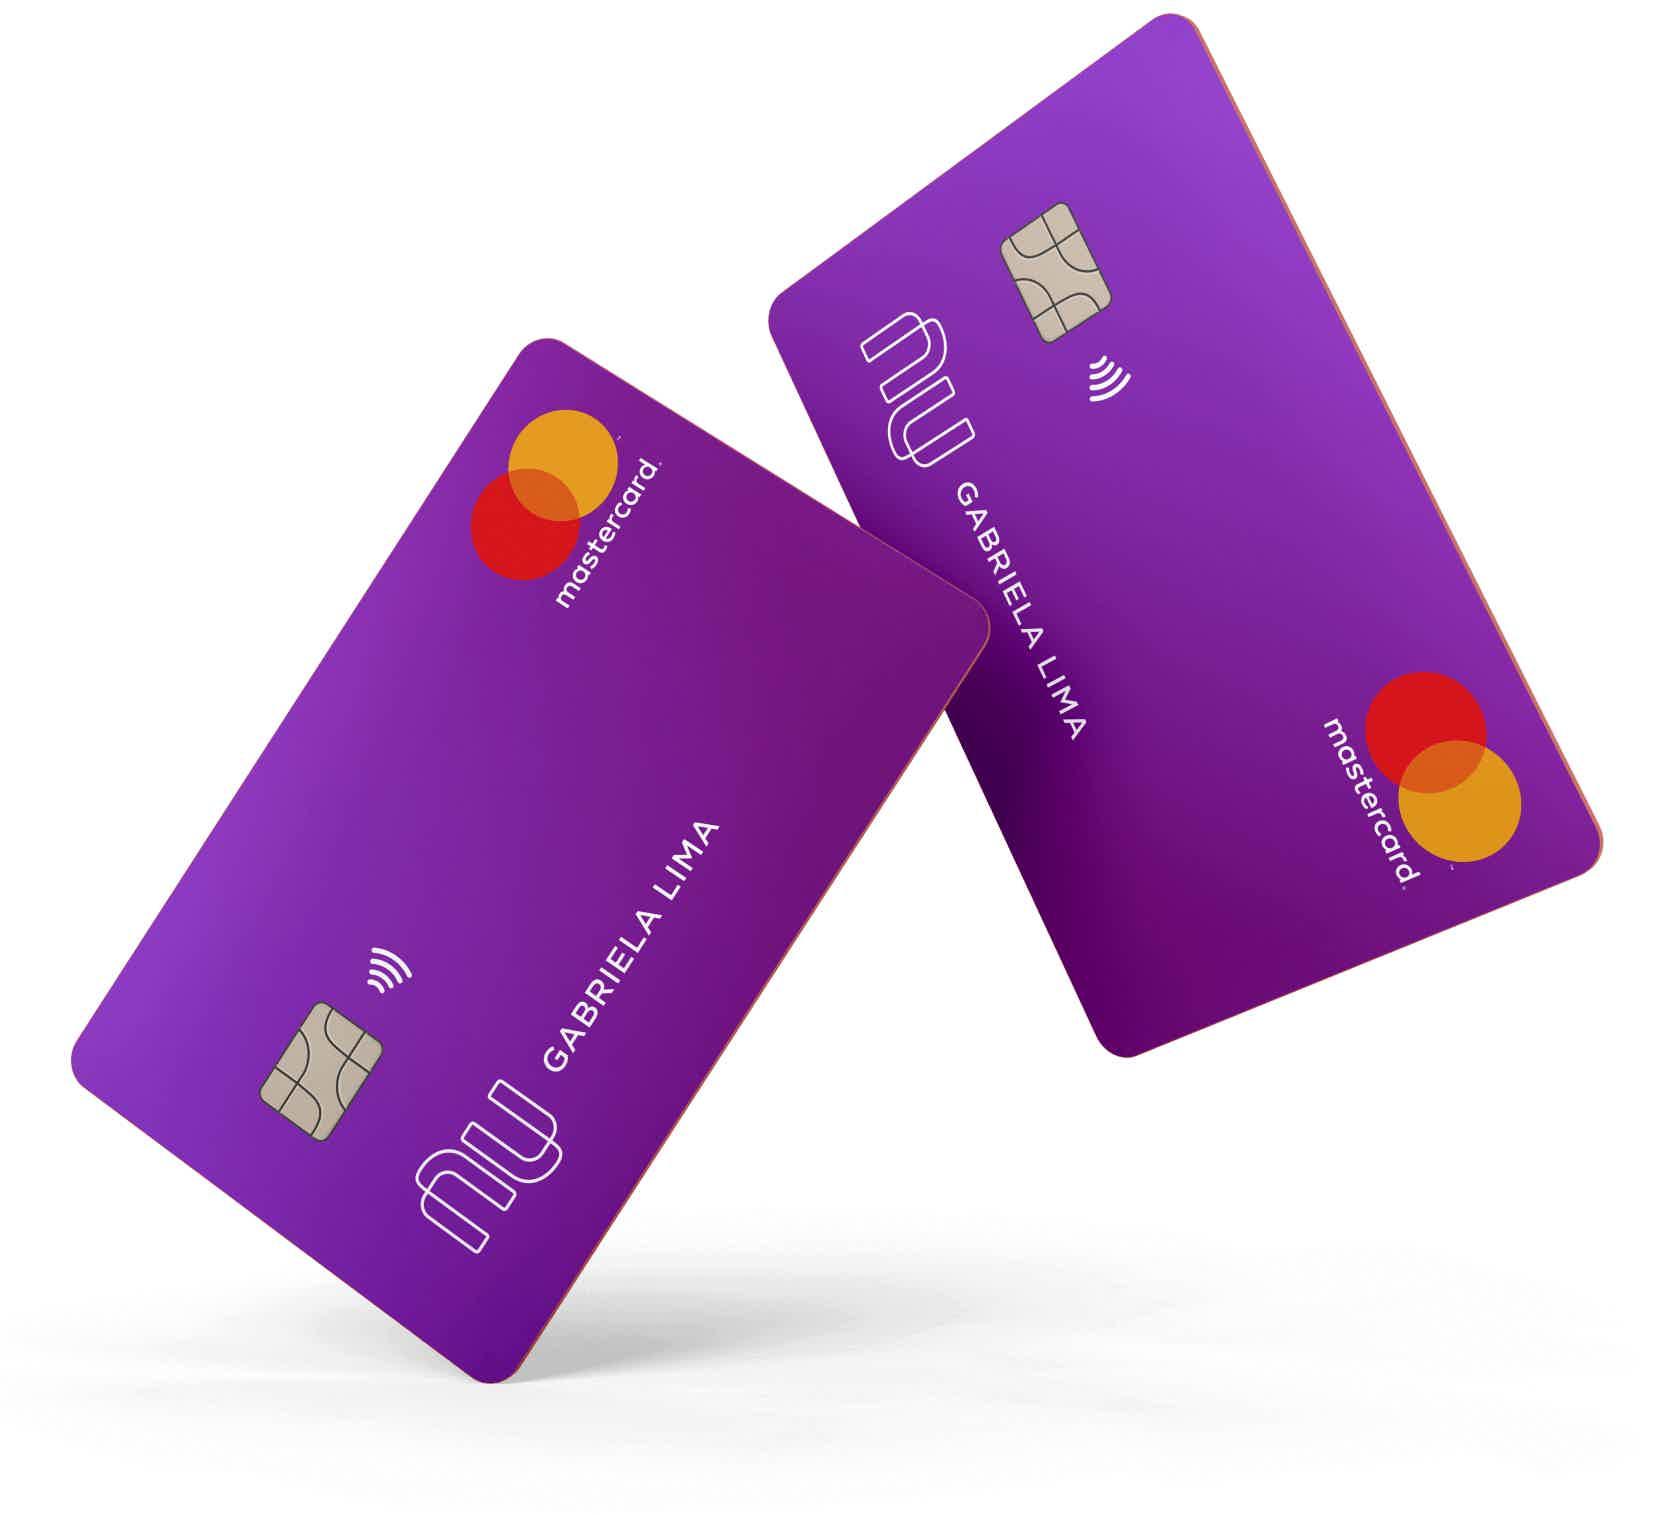 Conheça o cartão de crédito.